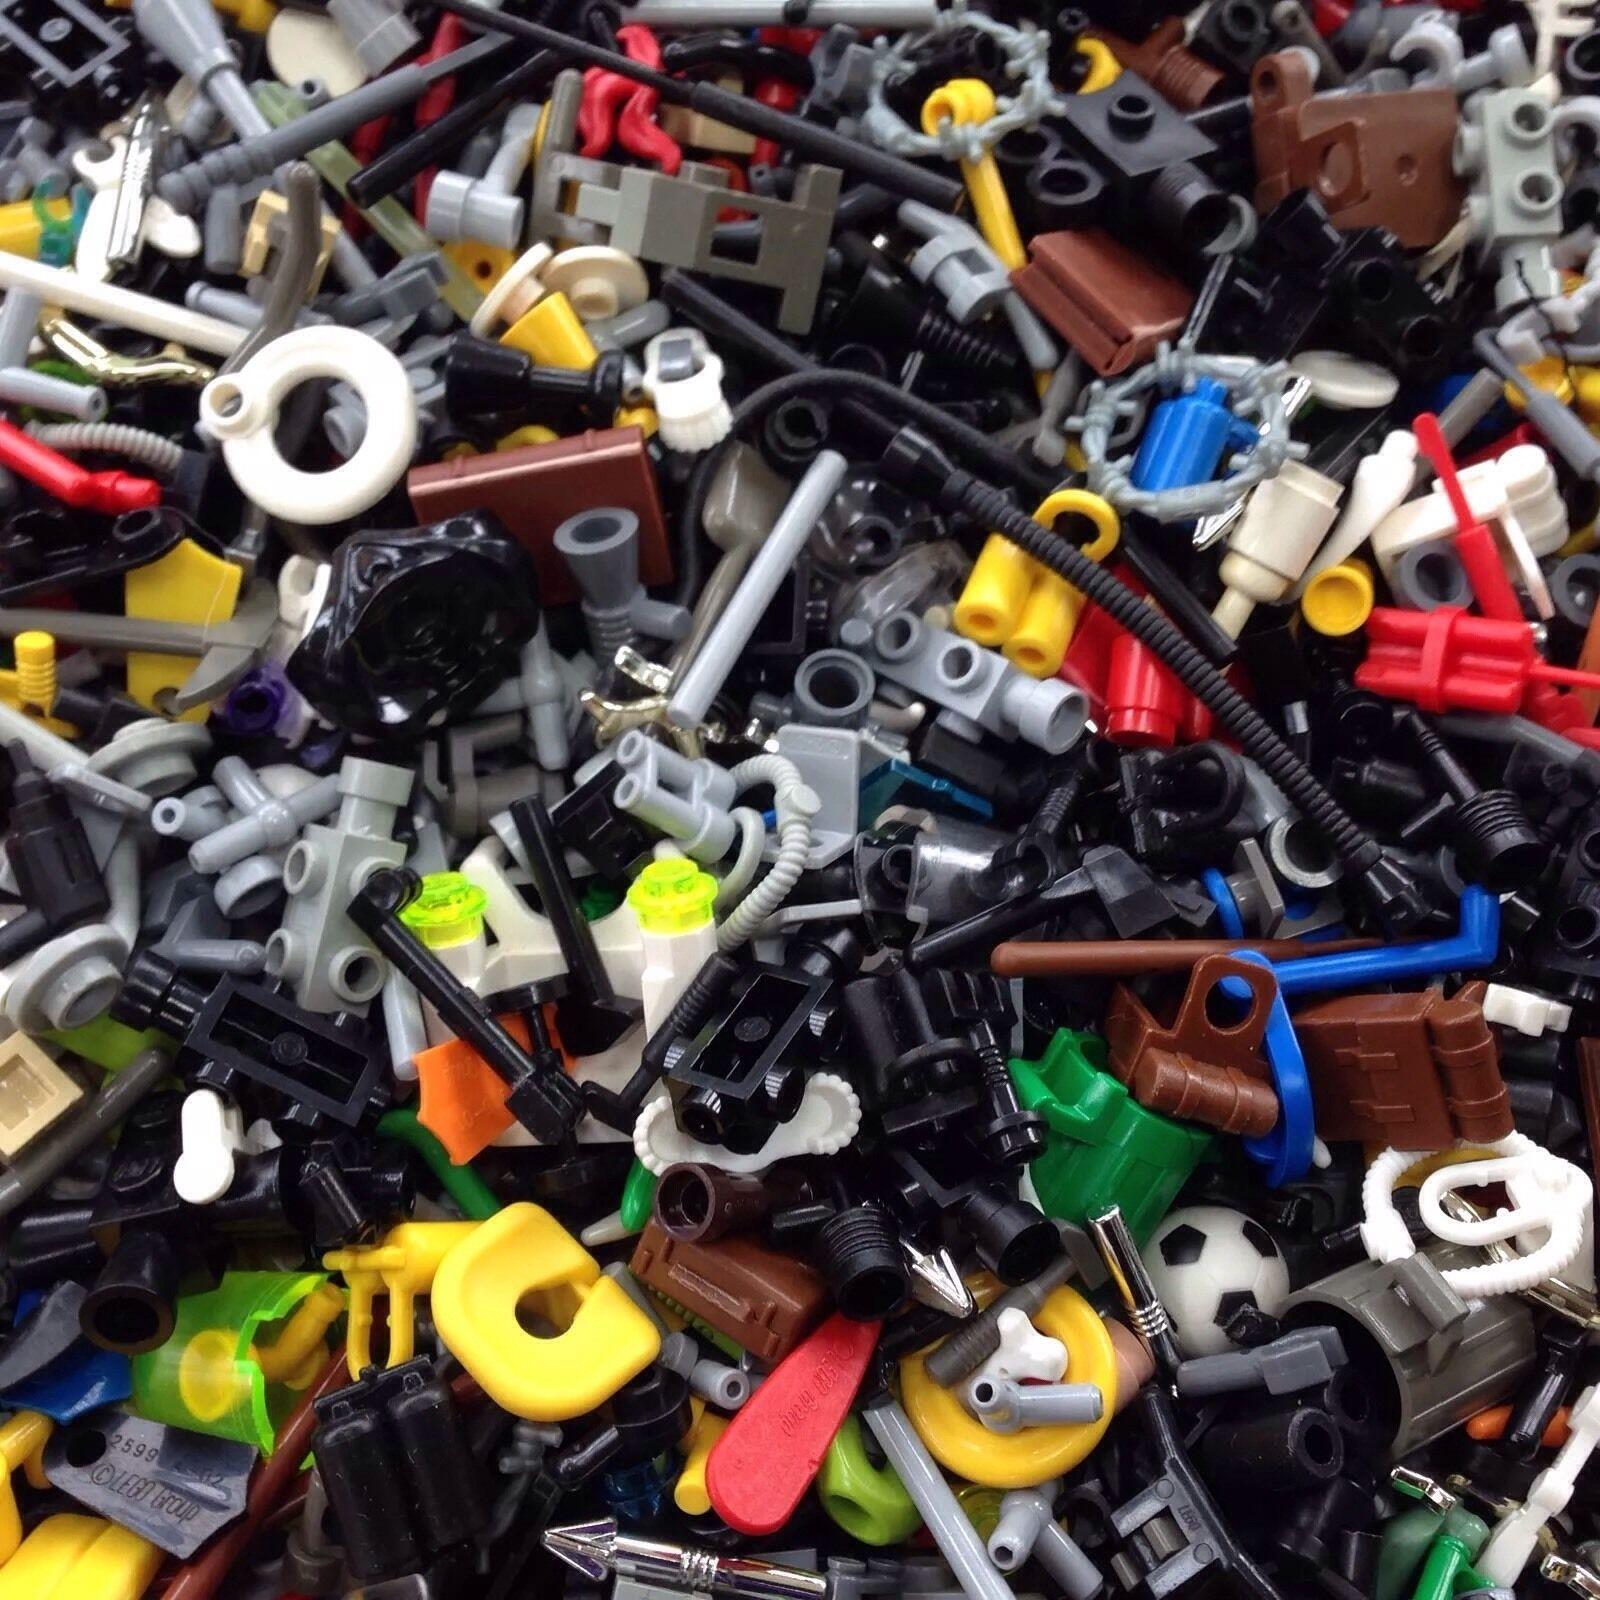 500x Lego   aleatorio Grab Bag Lote De Accesorios   500 un.   Armas   Herramientas   ciudad